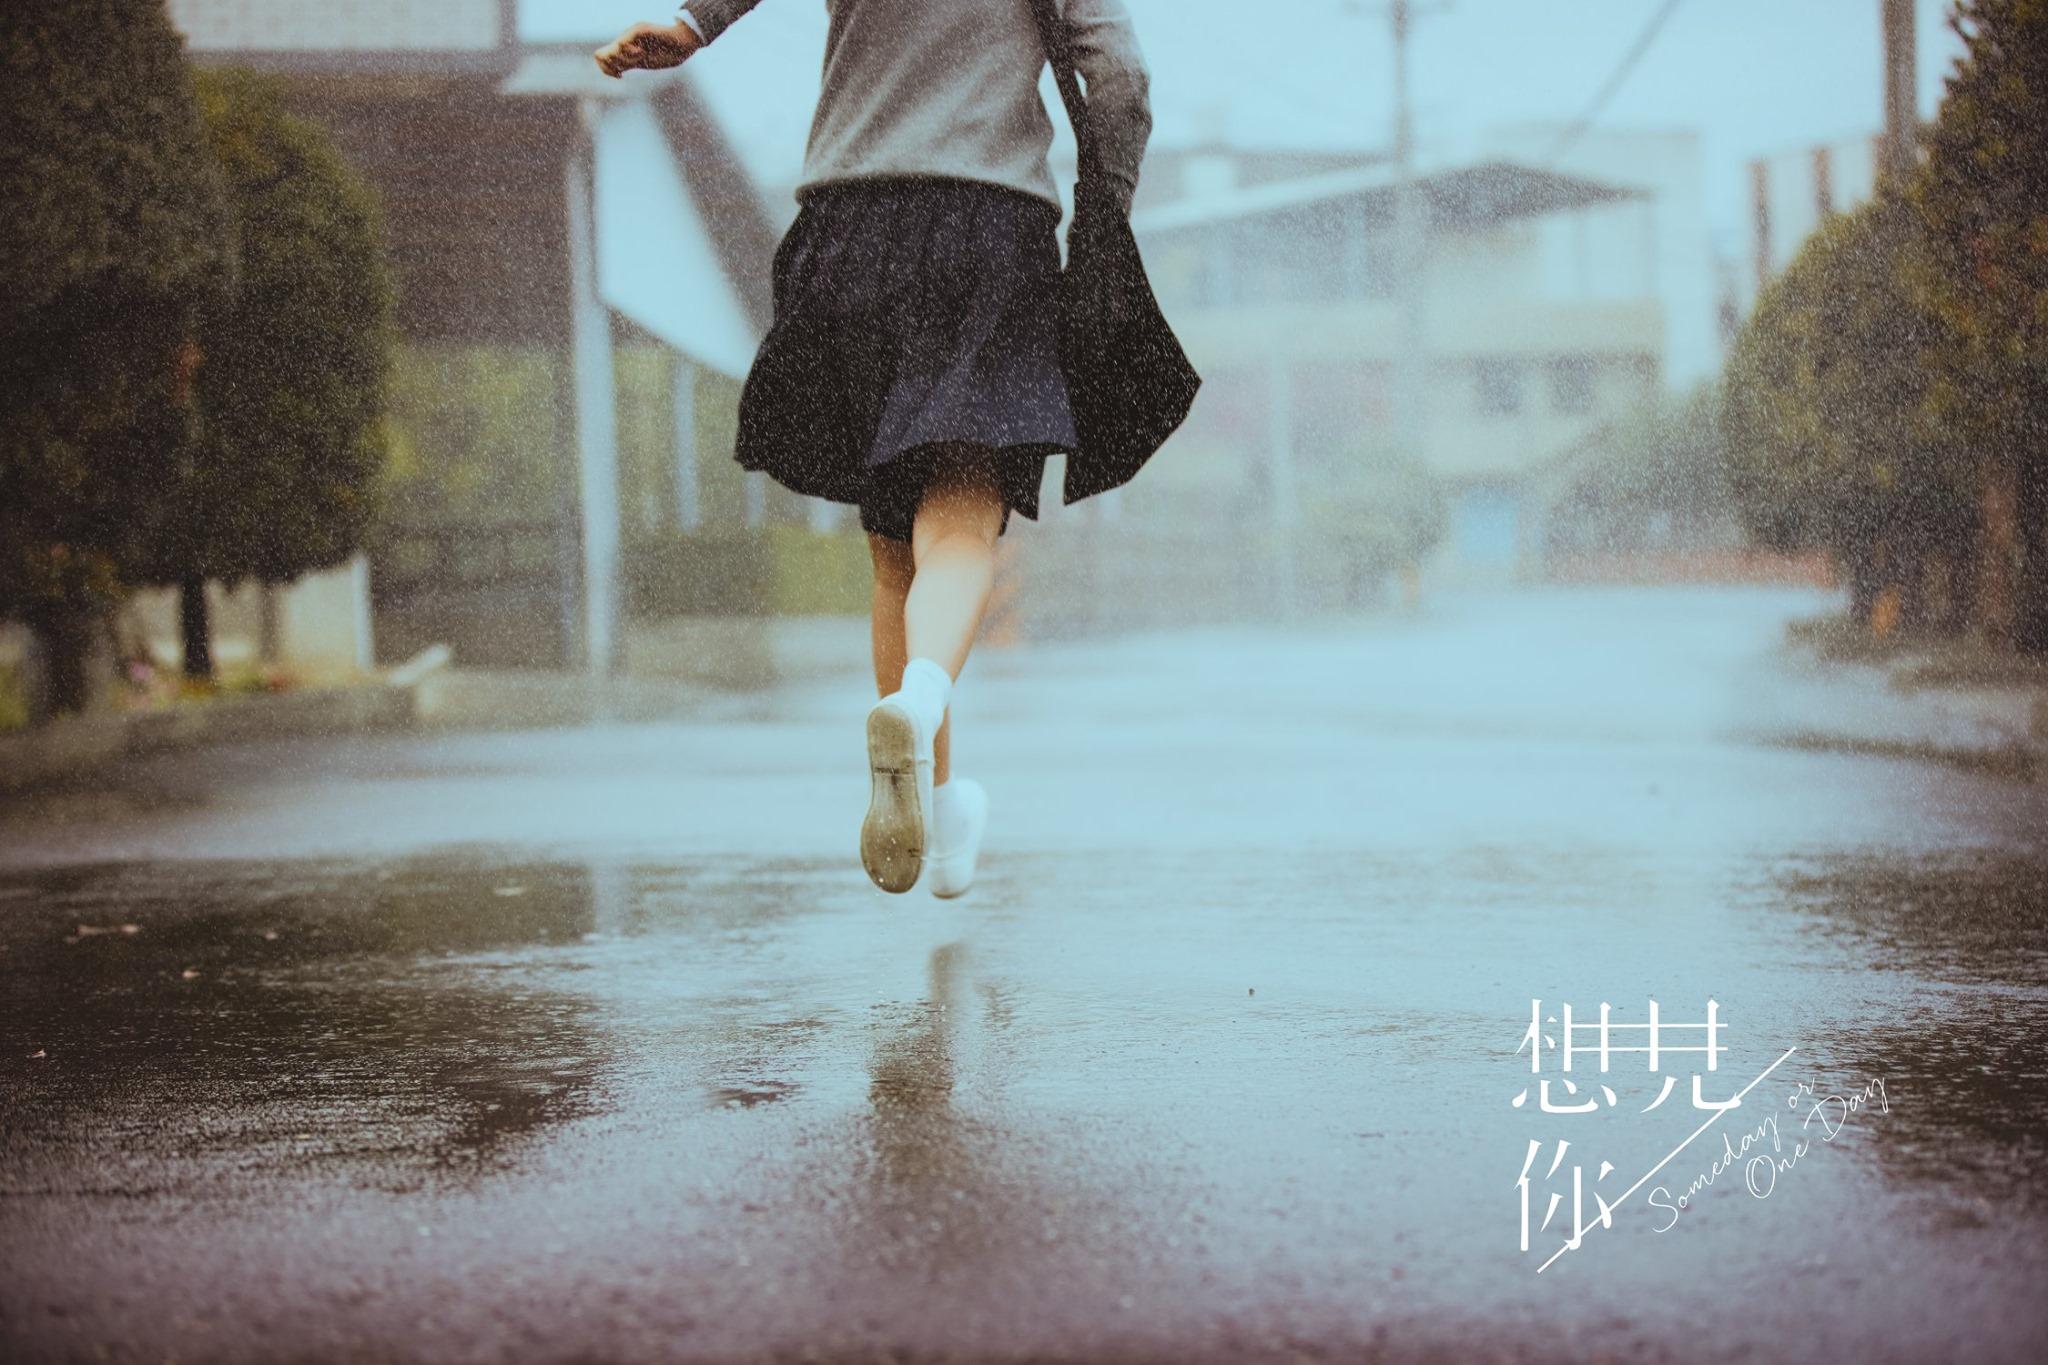  心領神會 在穿越的愛情與推理背後——當年坐在課桌椅間的你,是黃雨萱還是陳韻如?